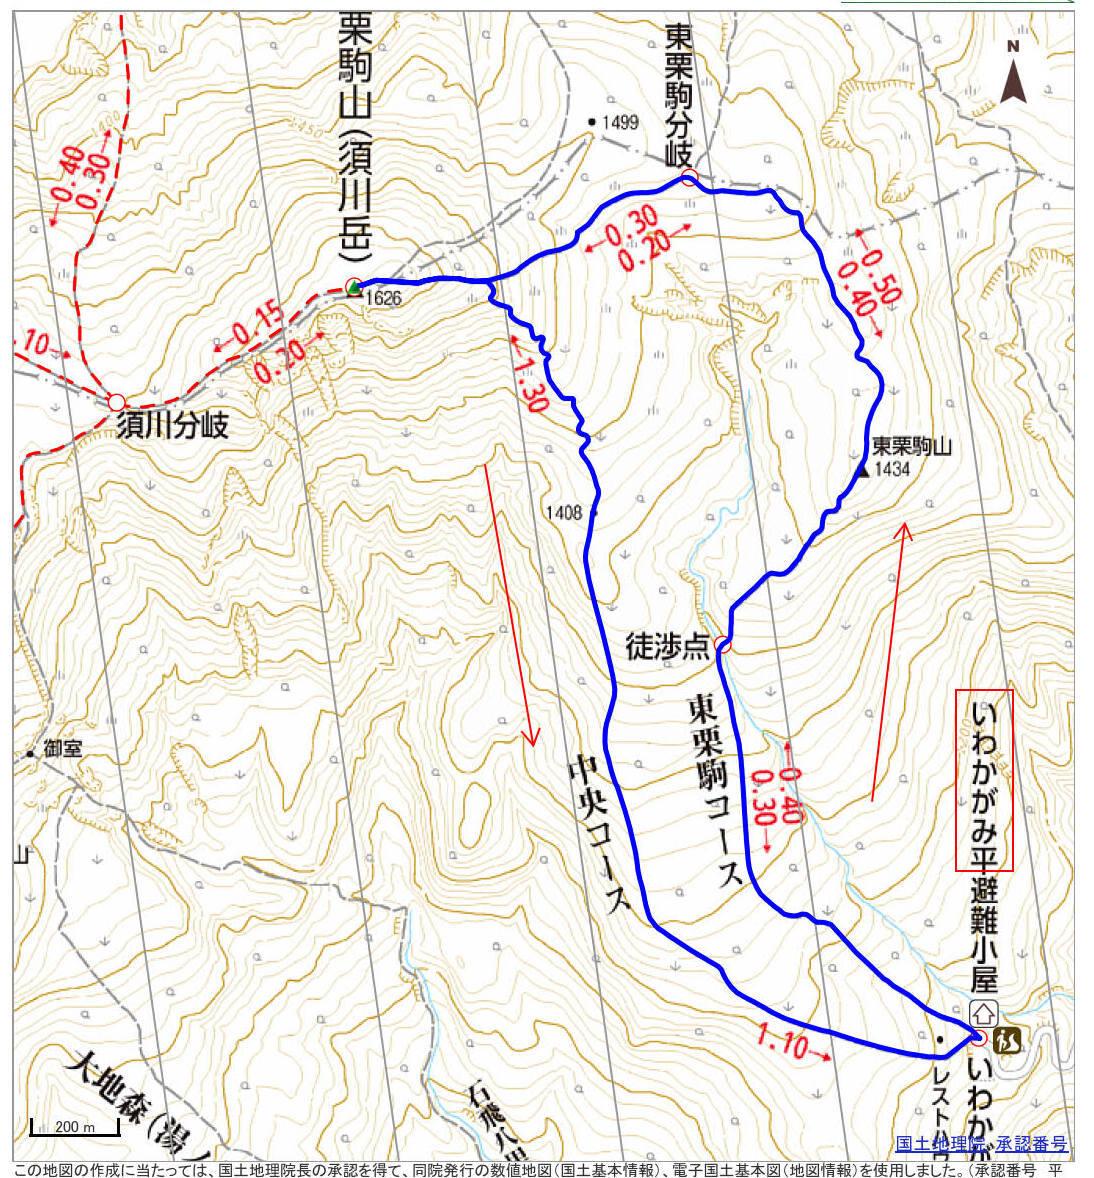 ◎コースタイム&登山計画付き登山地図印刷A4縦 - Yamakei Online _ 山と渓谷社_2